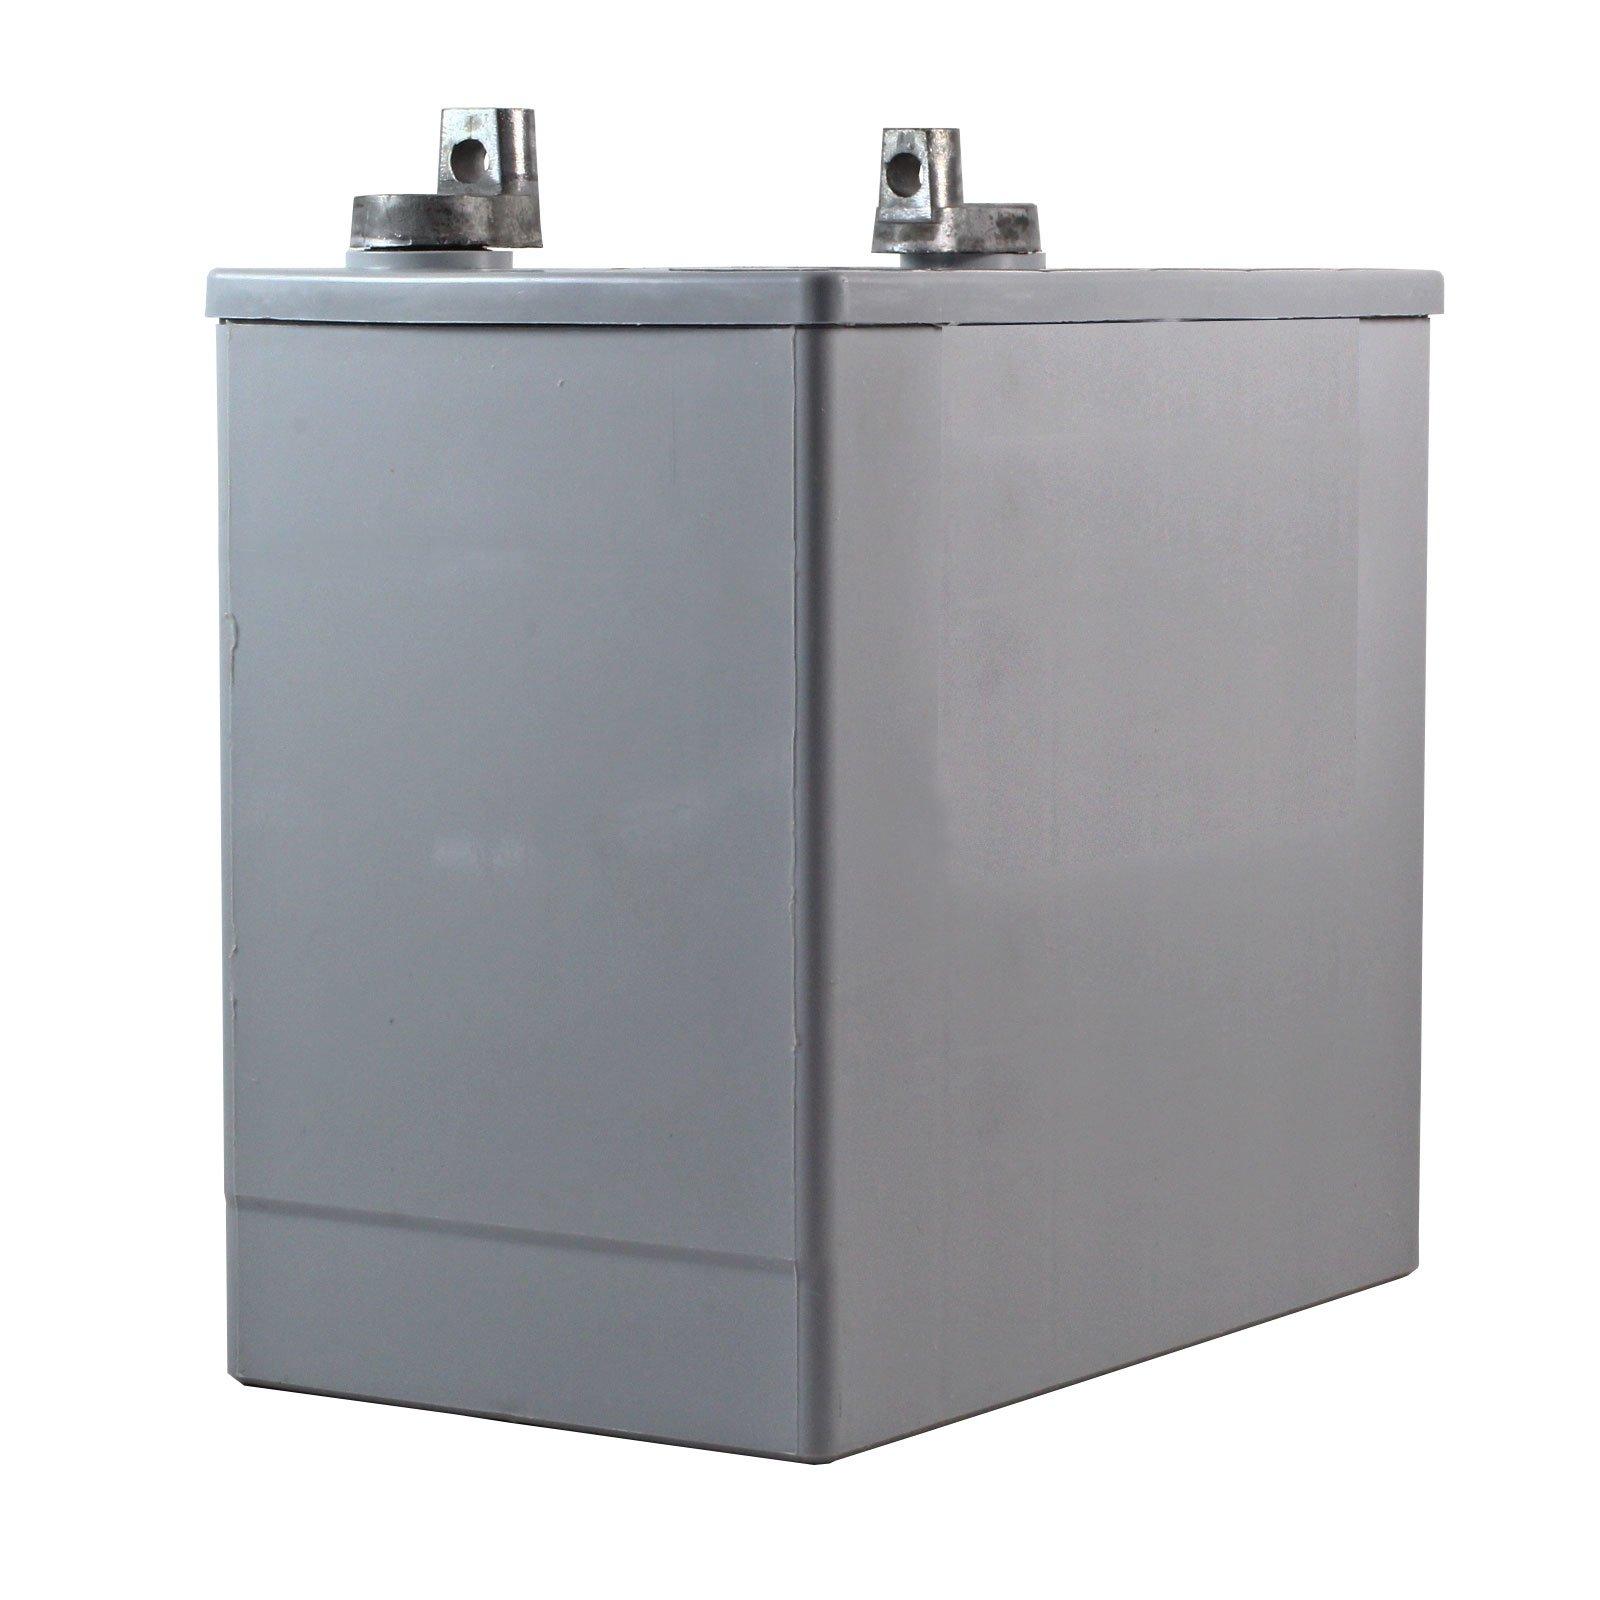 Gel Cell Batteries For Sale Battery Mart 24v 7ah Lead Acid Charger 12 Volt 51 Ah Sealed